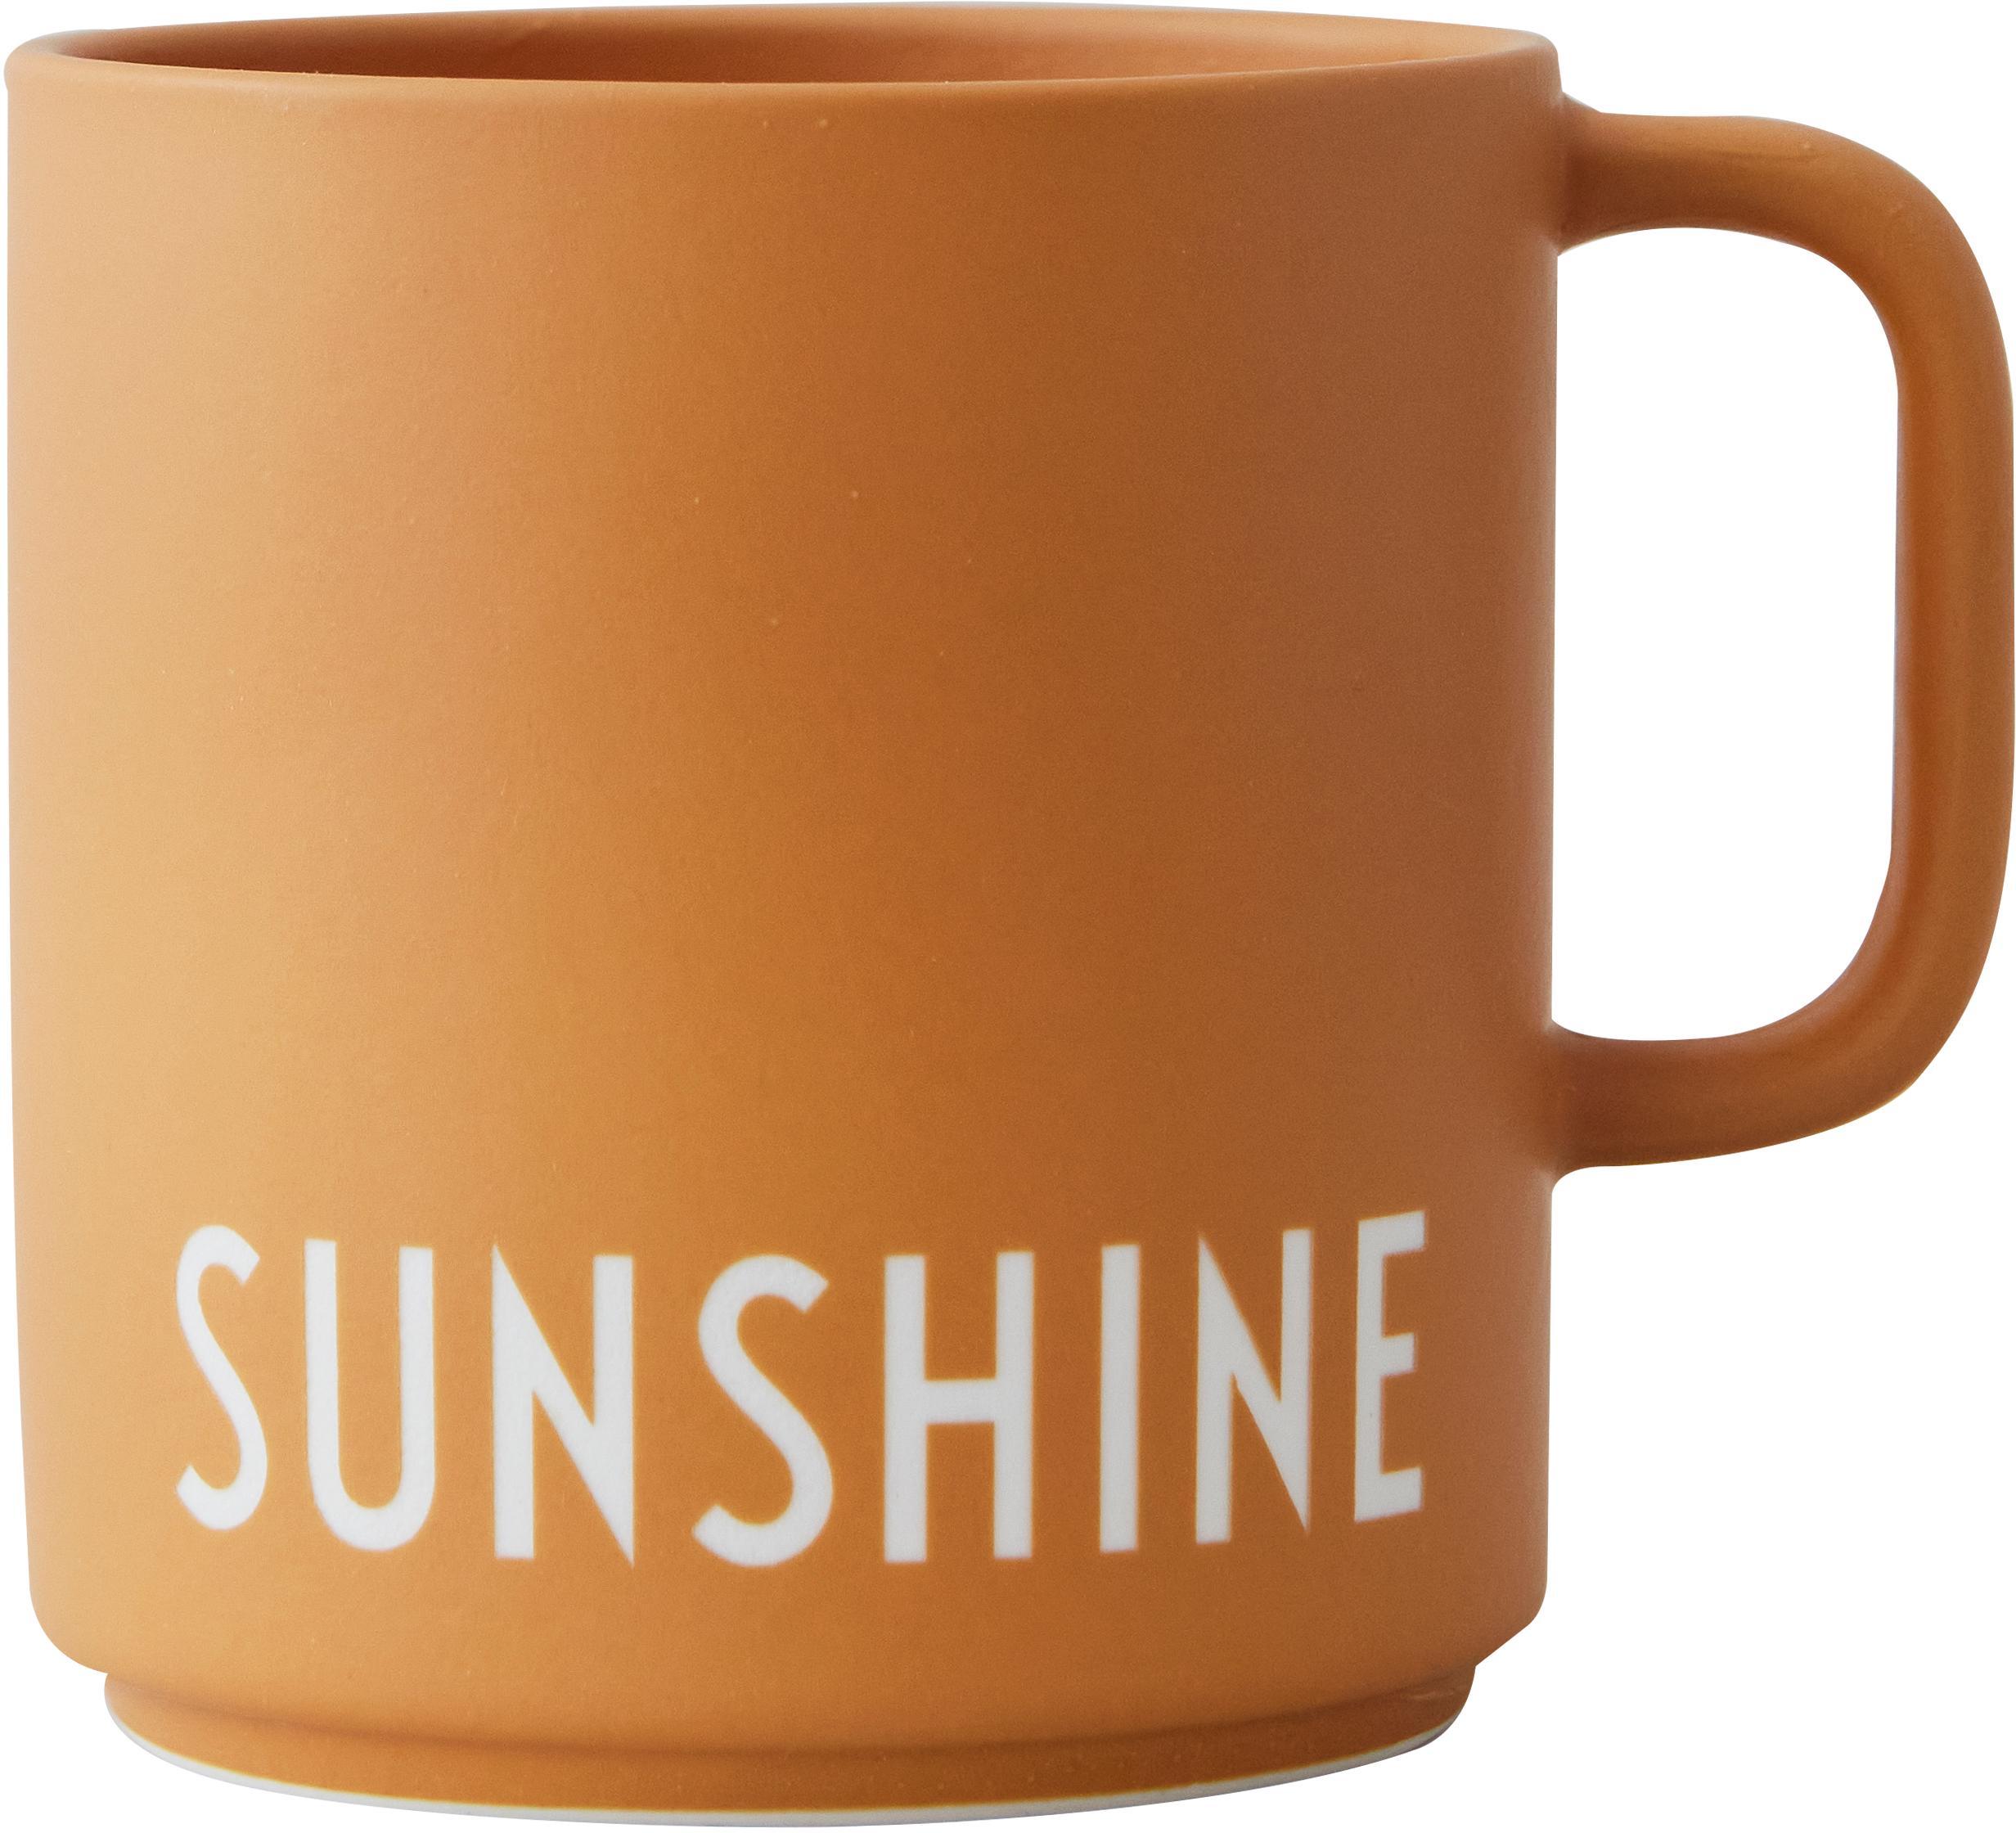 Design Kaffeetasse Favourite SUNSHINE in Senfgelb mit Schriftzug, Fine Bone China (Porzellan), Senfgelb, Weiß, Ø 10 x H 9 cm